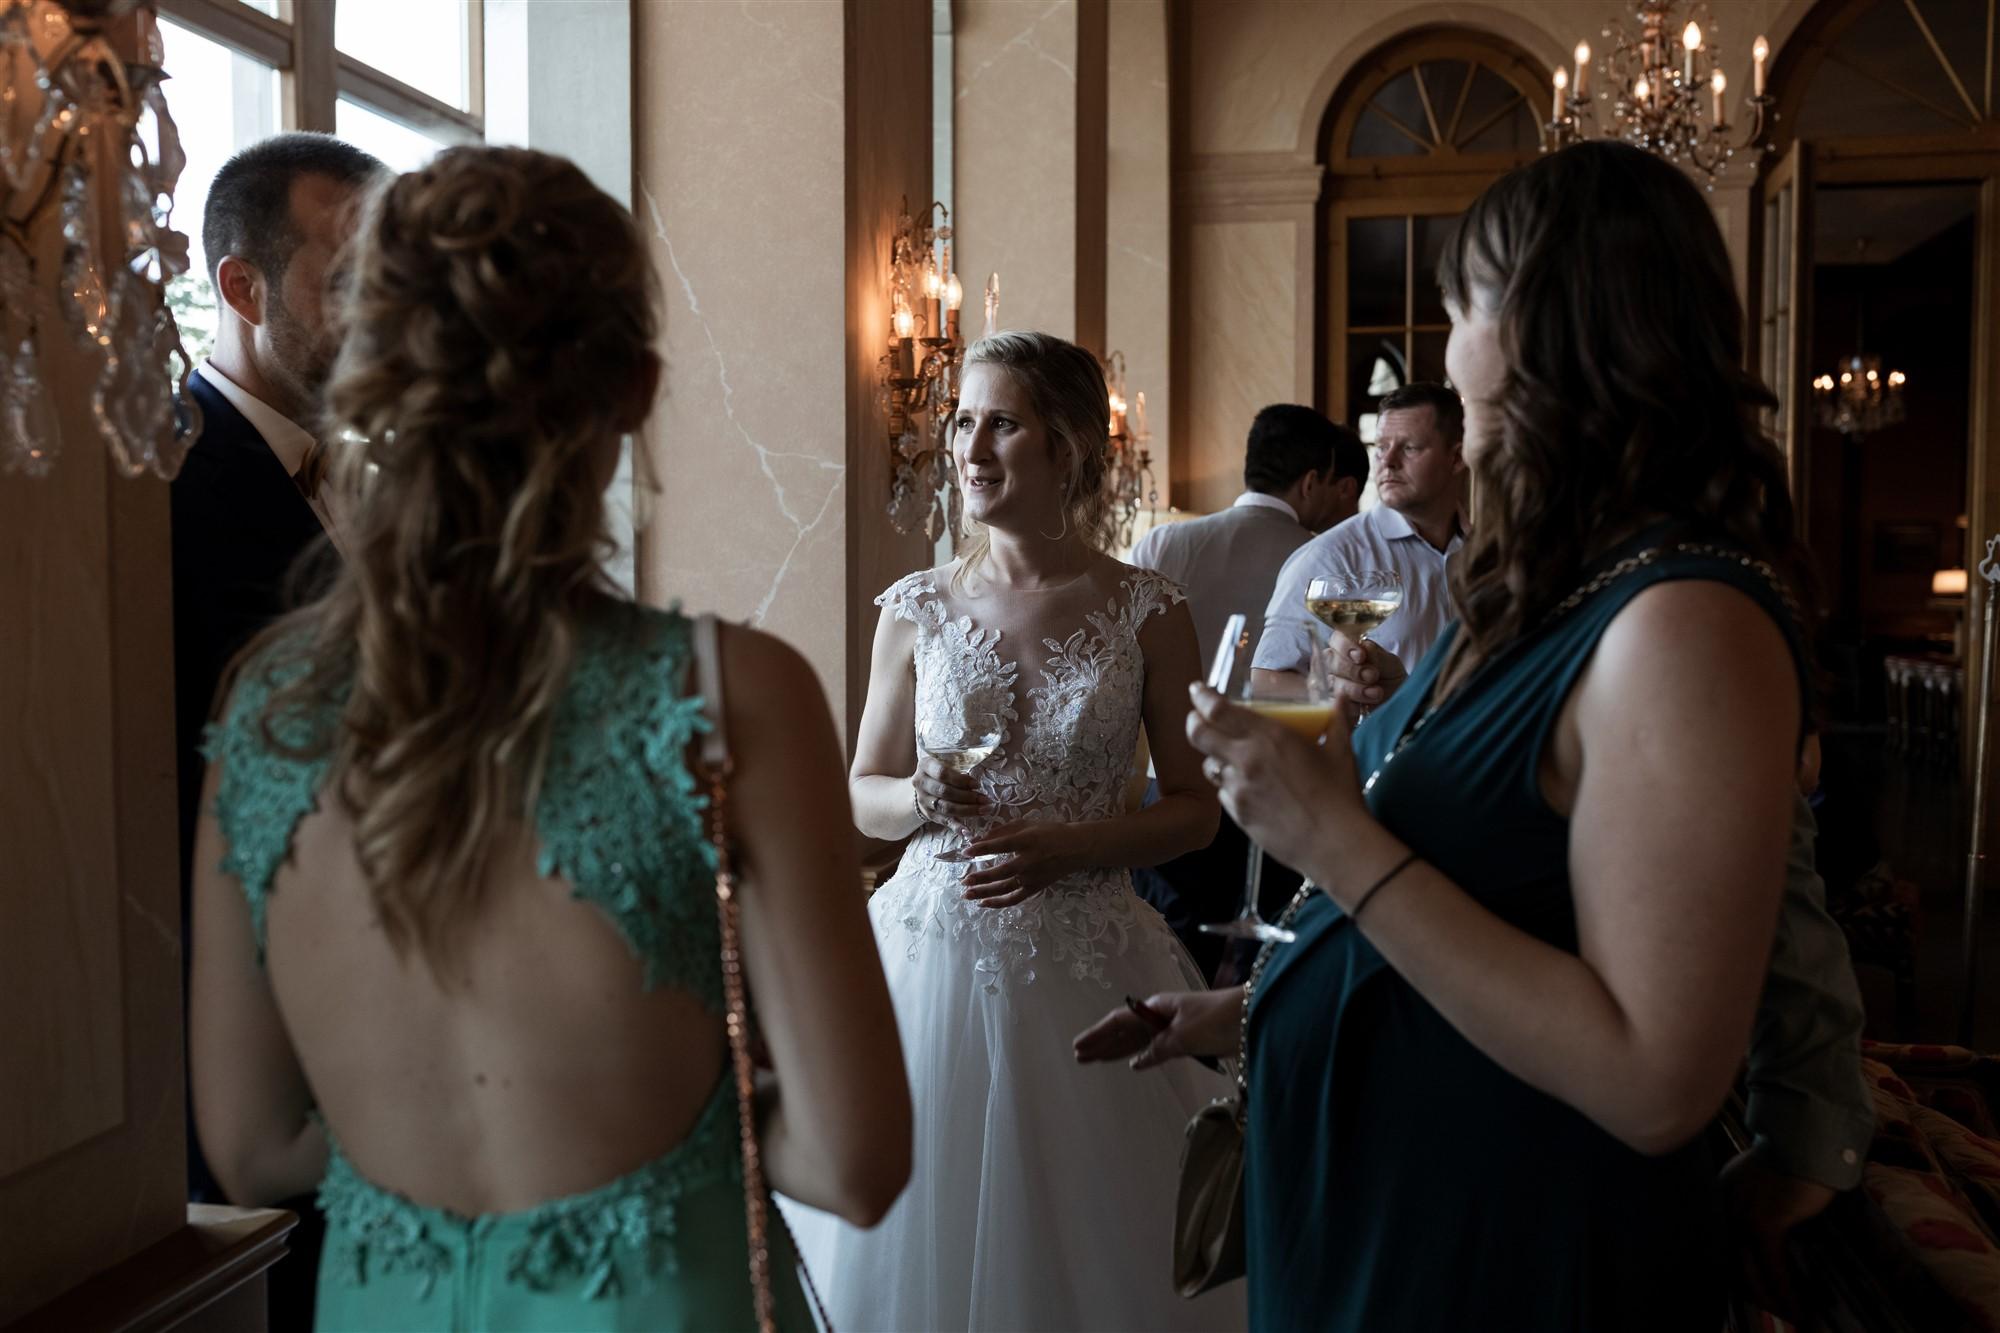 Hochzeit im Grand Hotel Les Trois Rois - Hochzeitsapero - Hochzeitsfotograf Basel